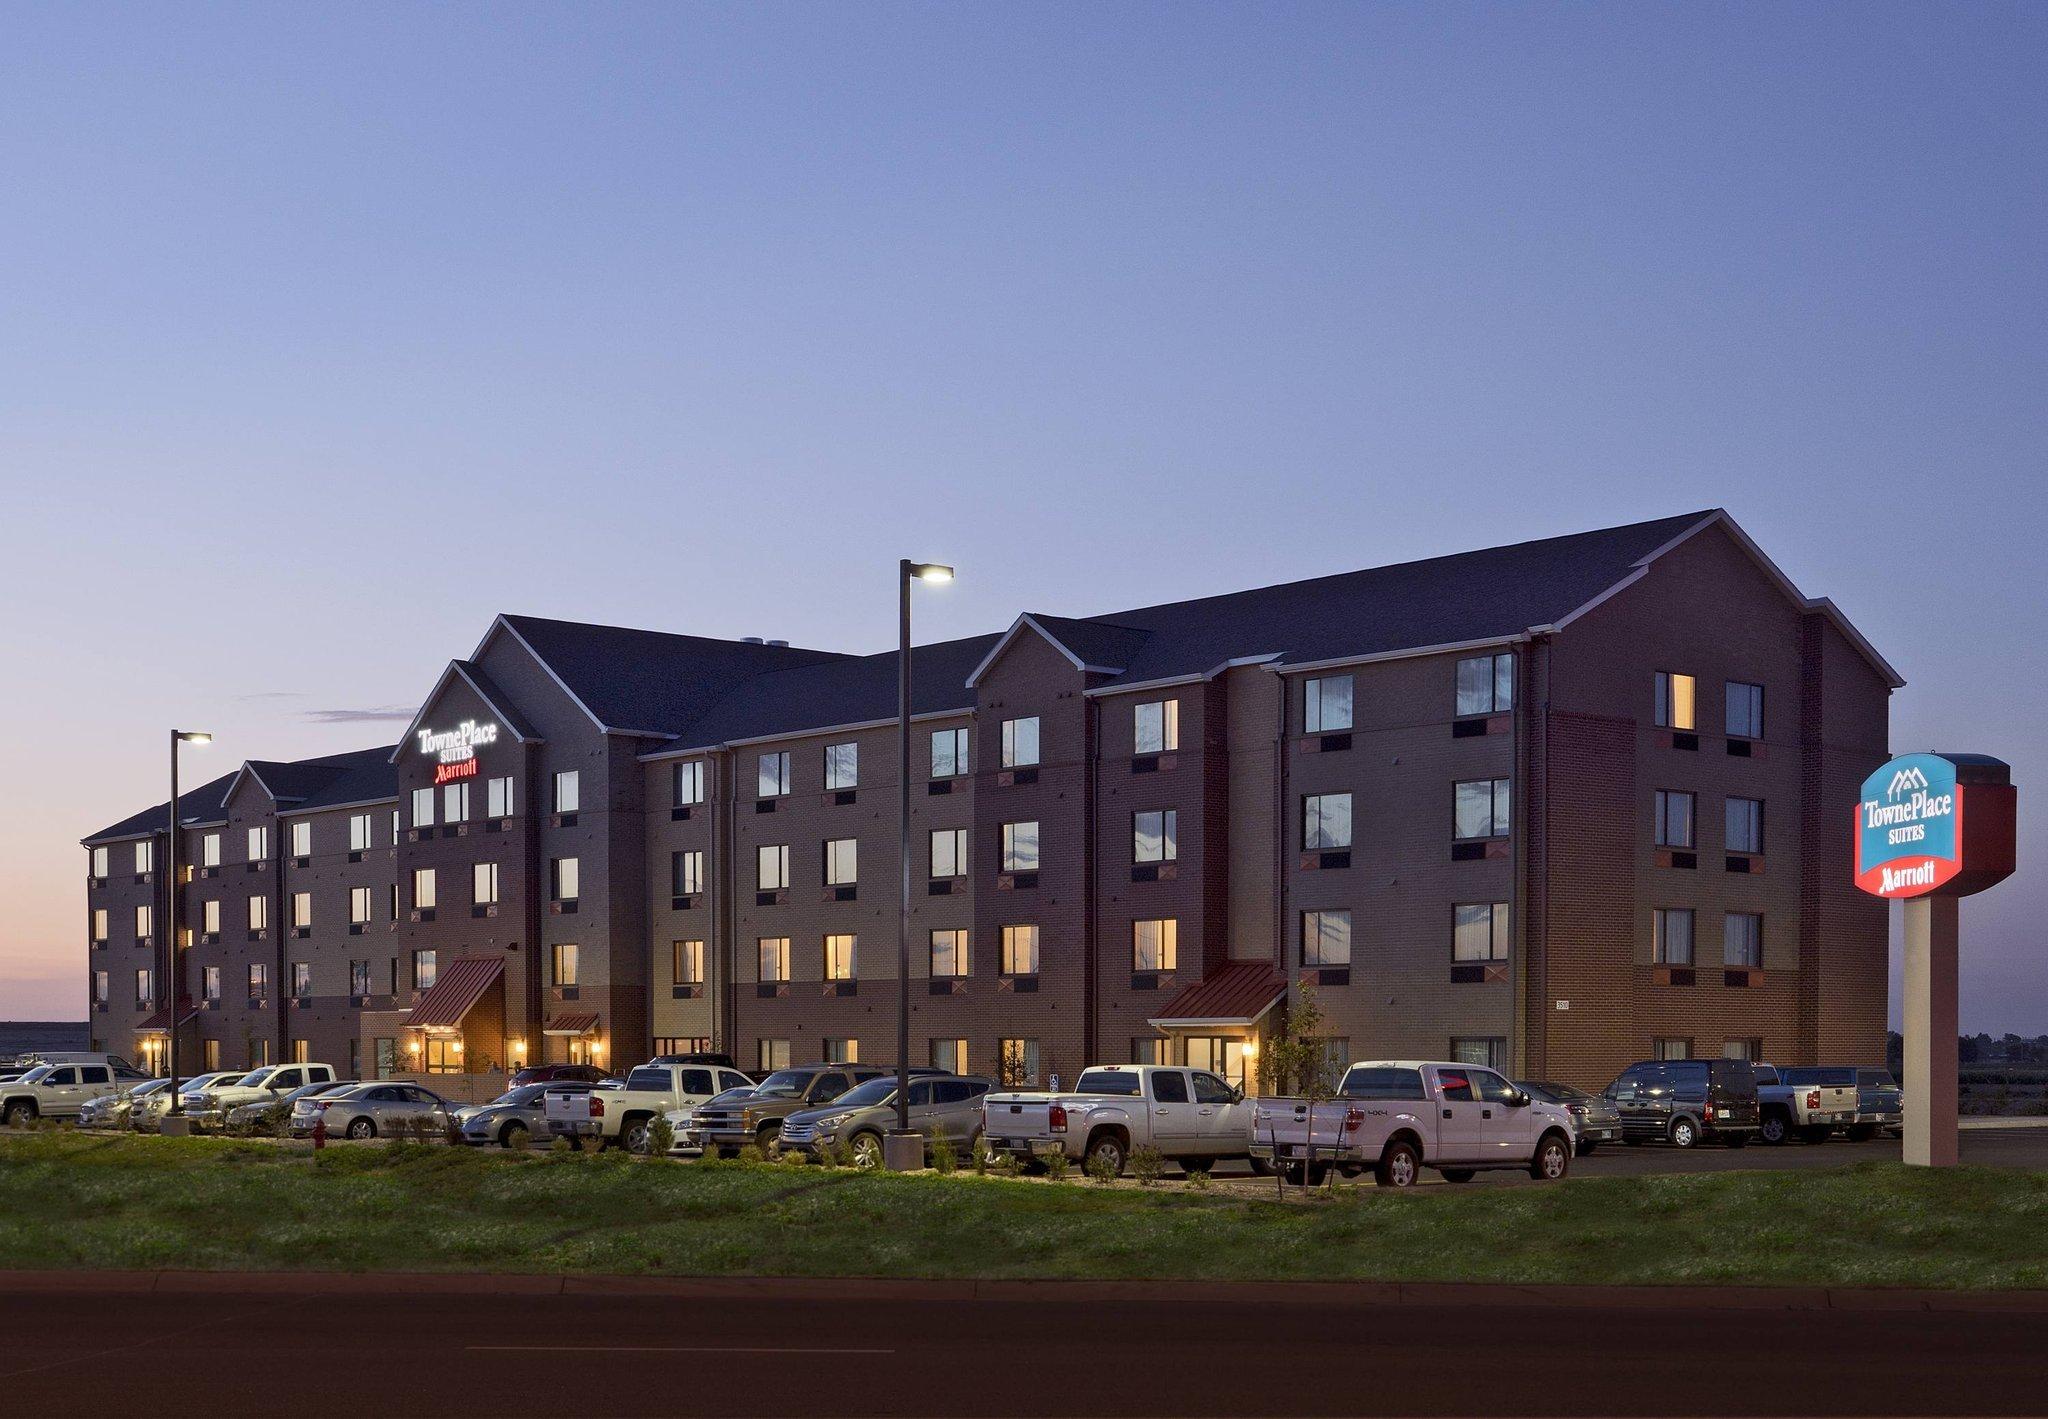 Towneplace Suites Garden City Kansas Voir Les Tarifs